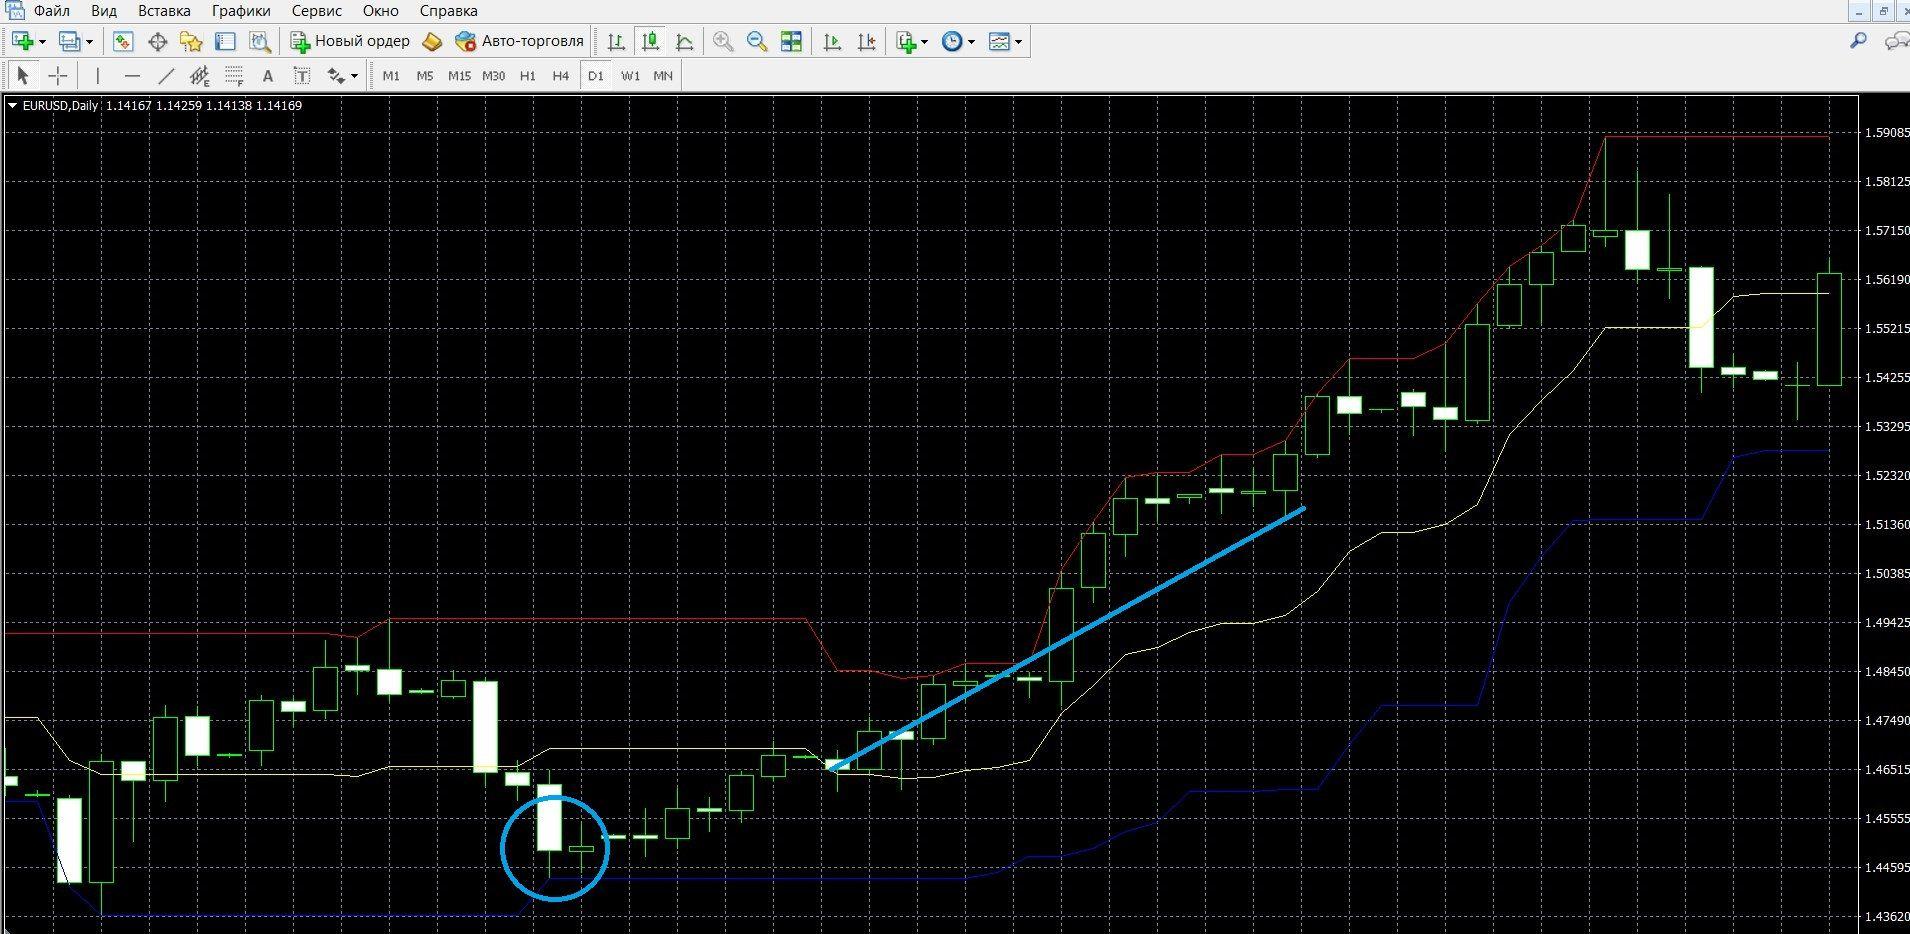 Восходящий тренд Индикатора Каналы изменения цен (PCU) в терминале МТ4